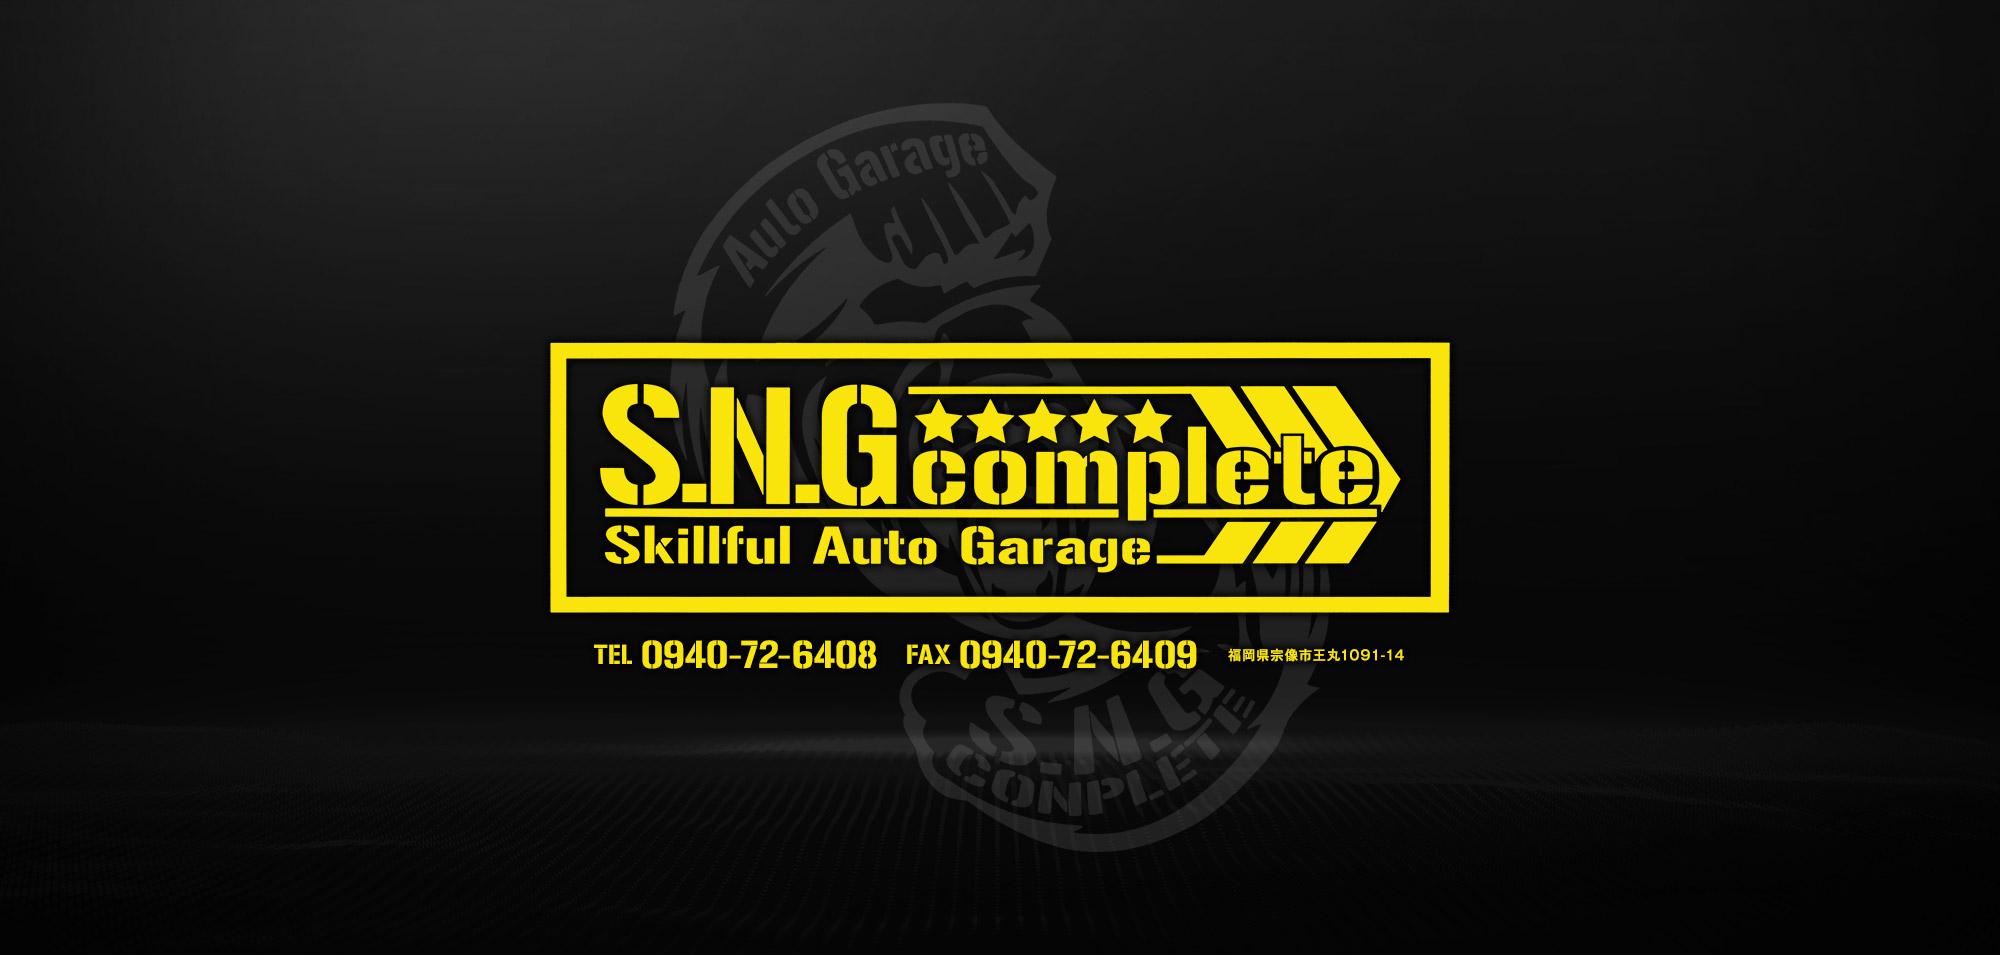 Auto Garage S.N.G